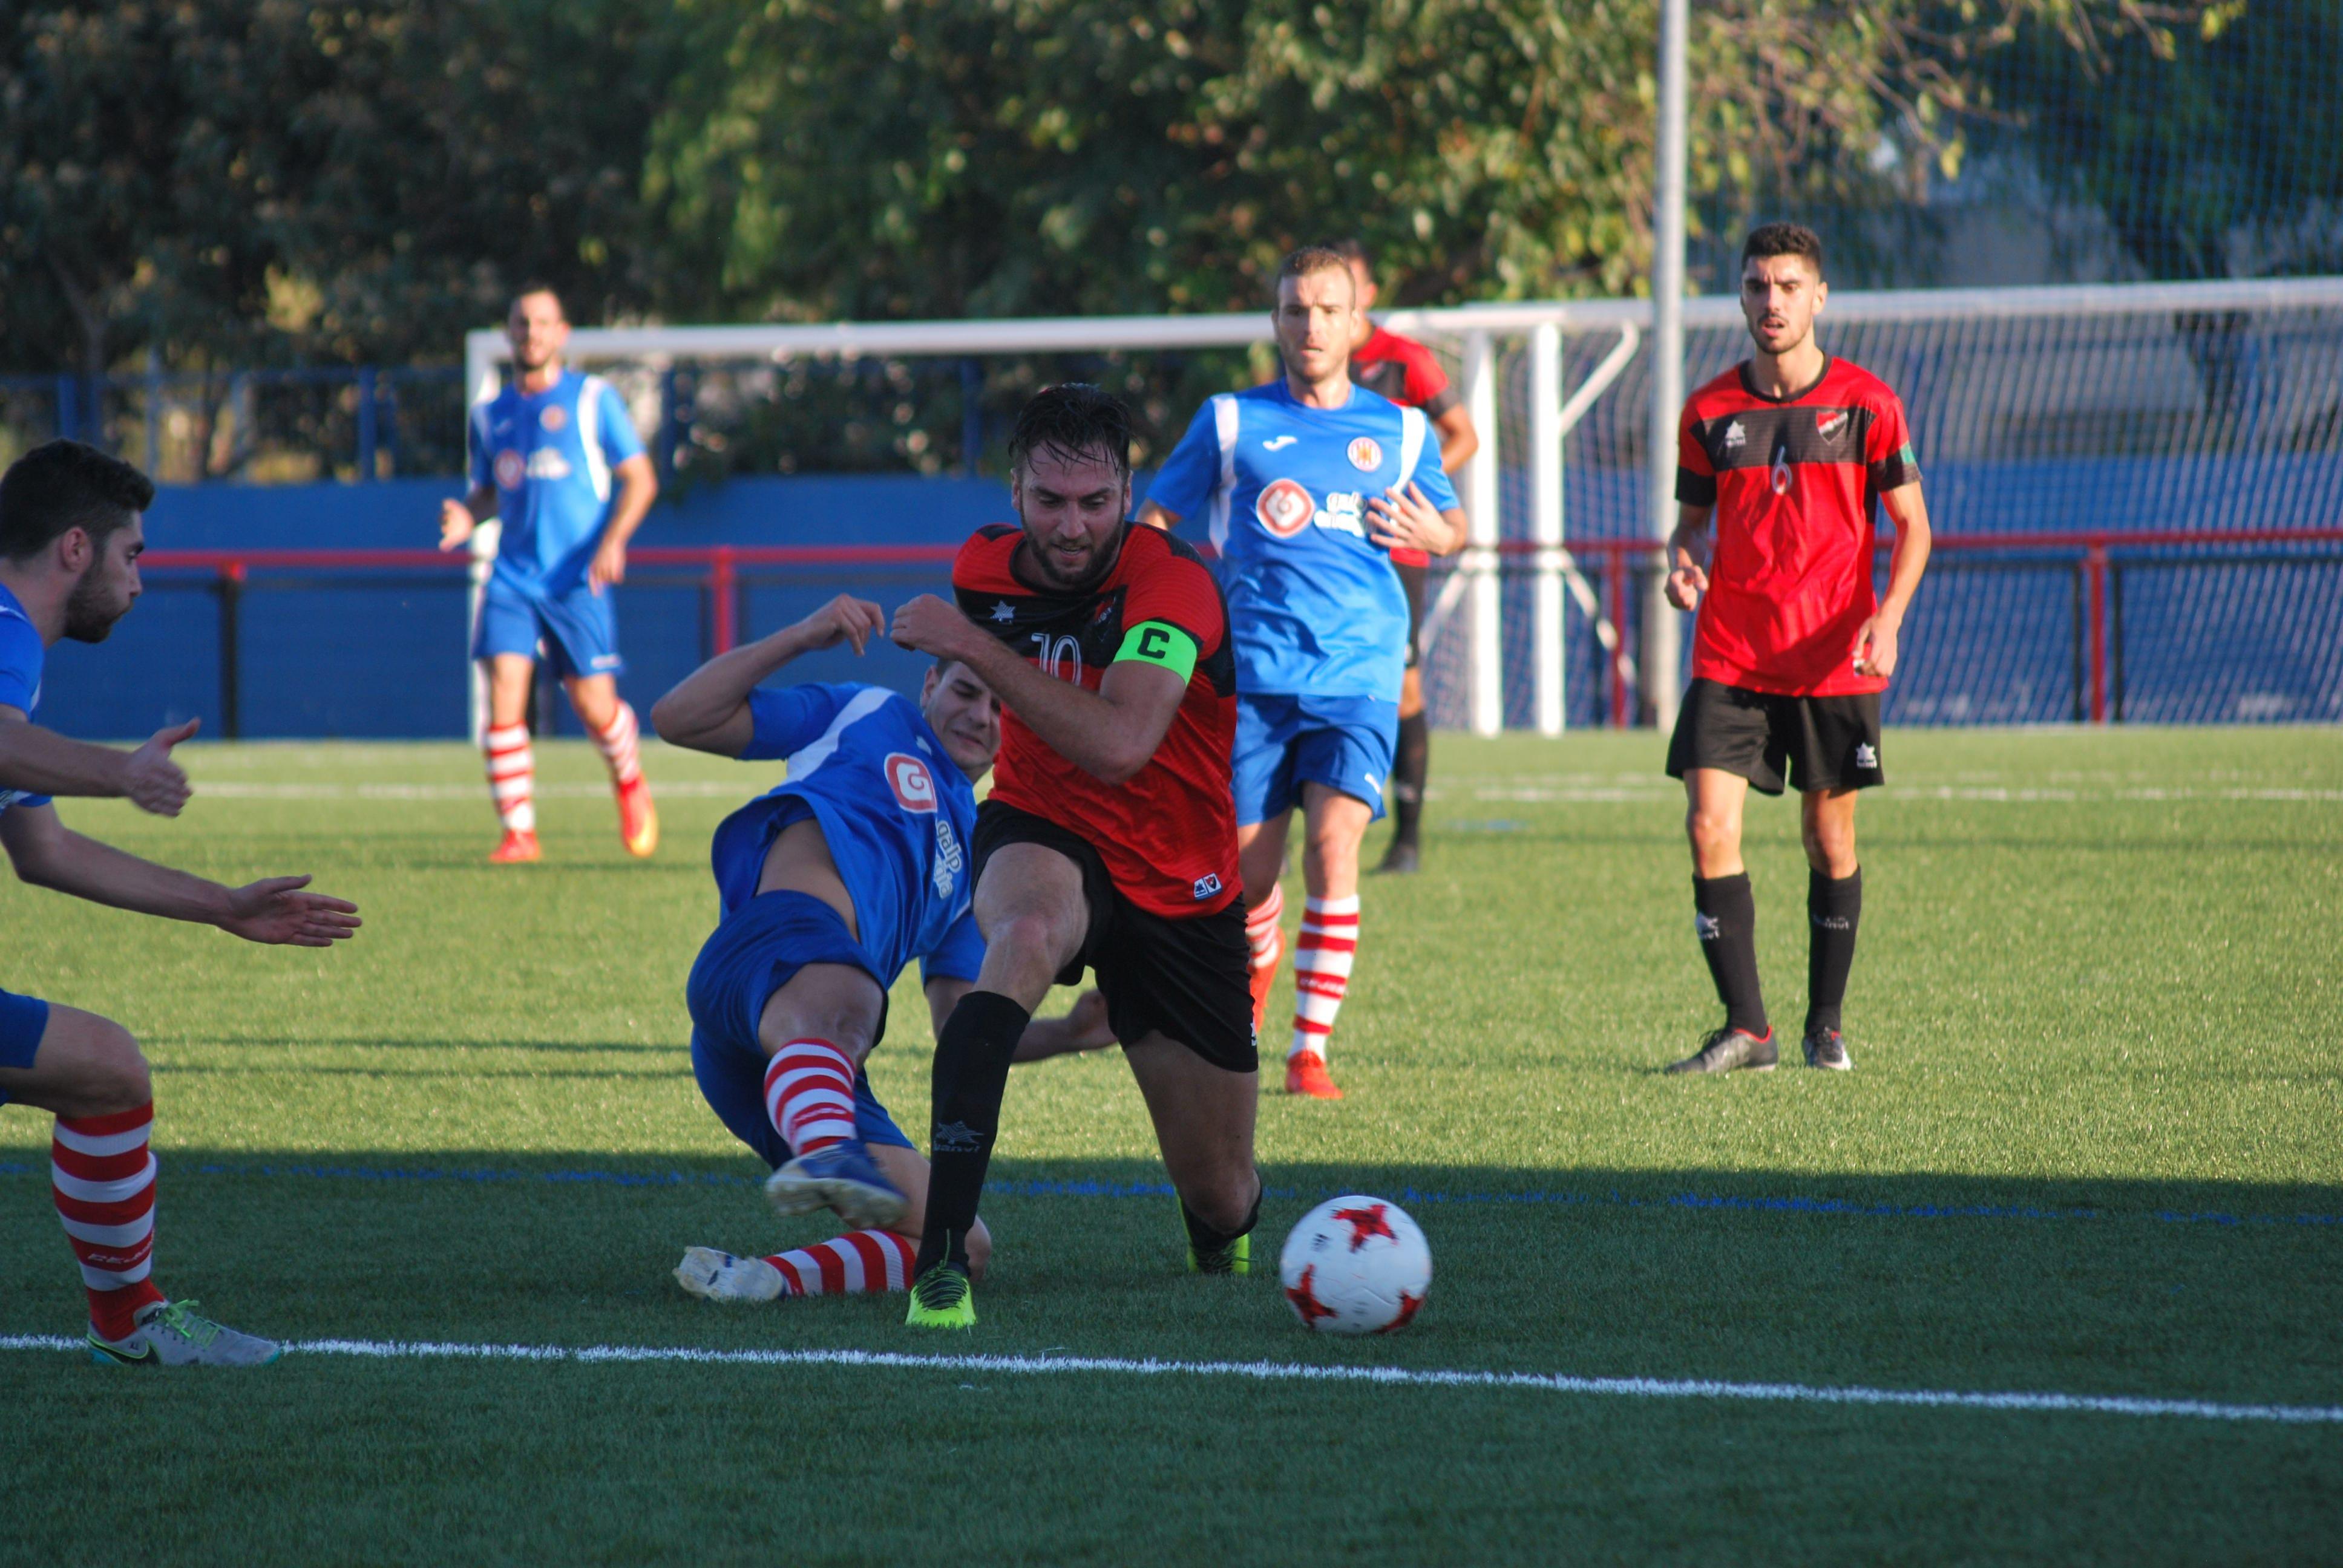 Partido con empate, igualado entre la U.D. San Pedro y el U.D.C. Torredonjimeno